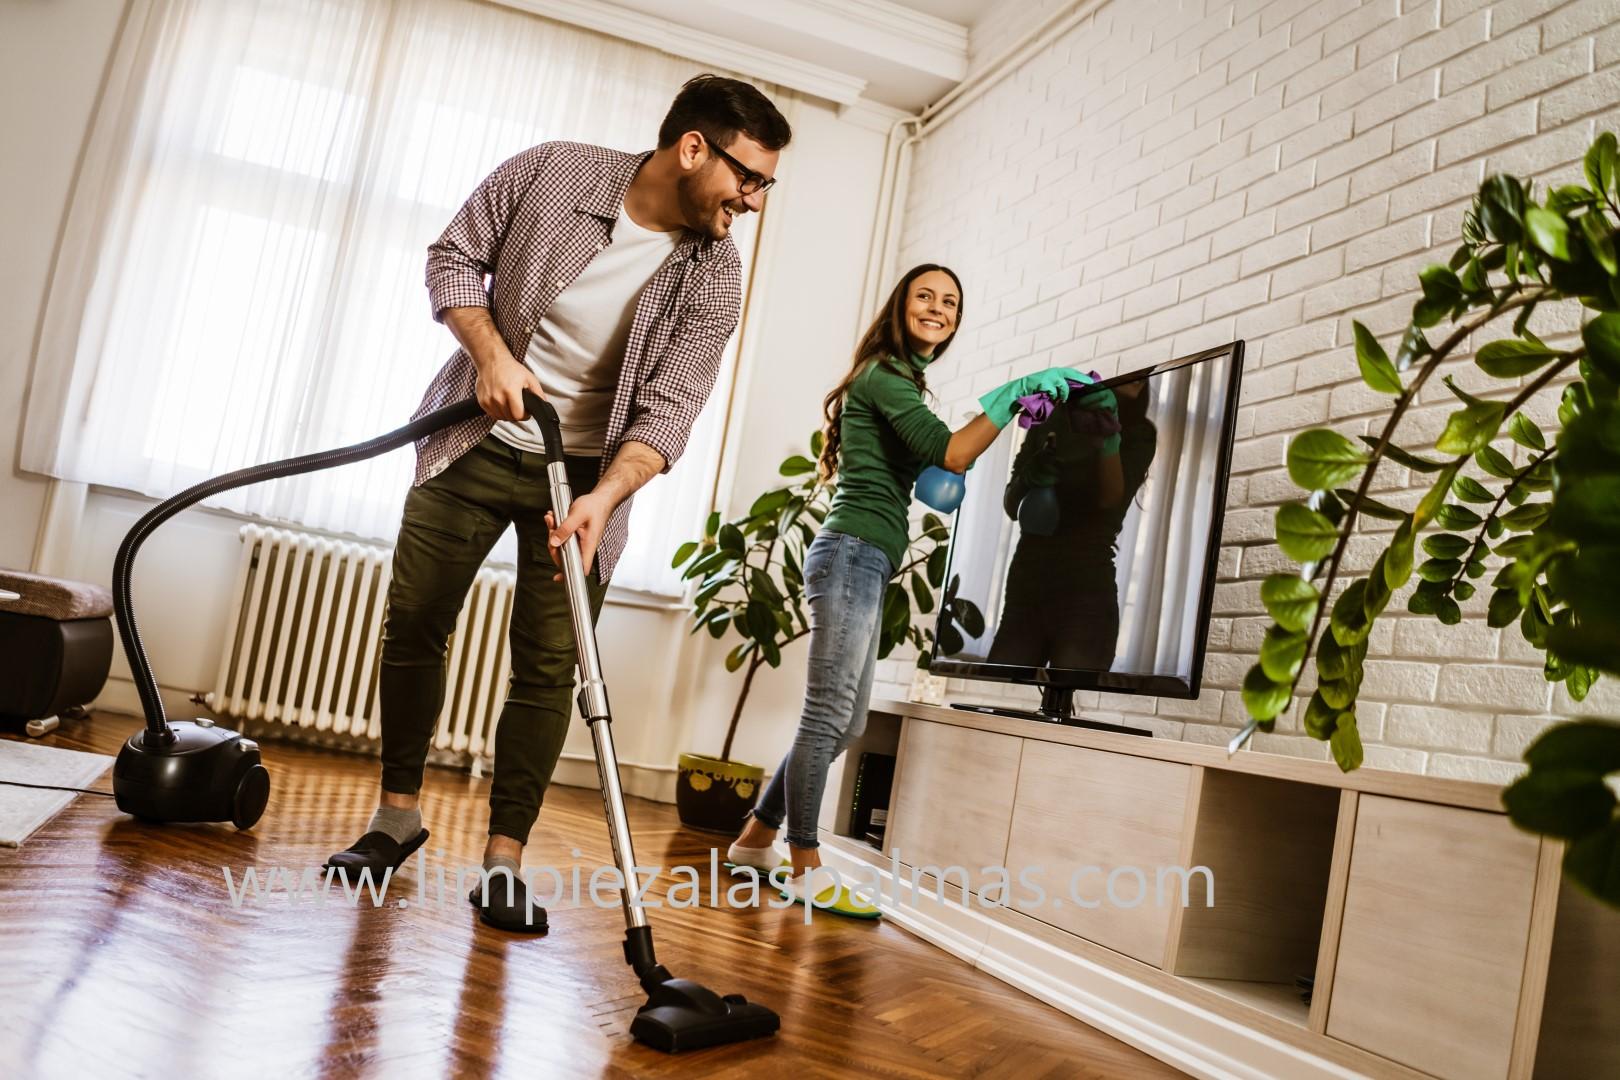 Ahorro de energía al limpiar